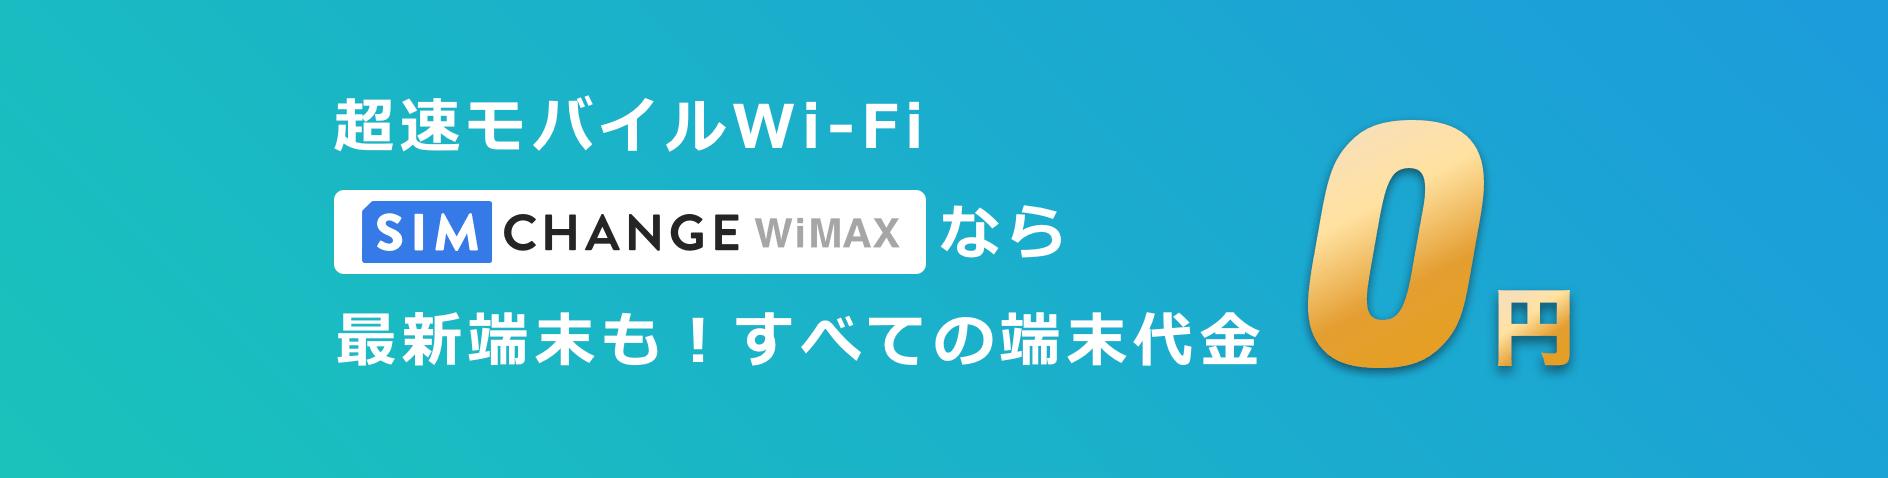 SIMCHANGE WiMAXのルーターについて